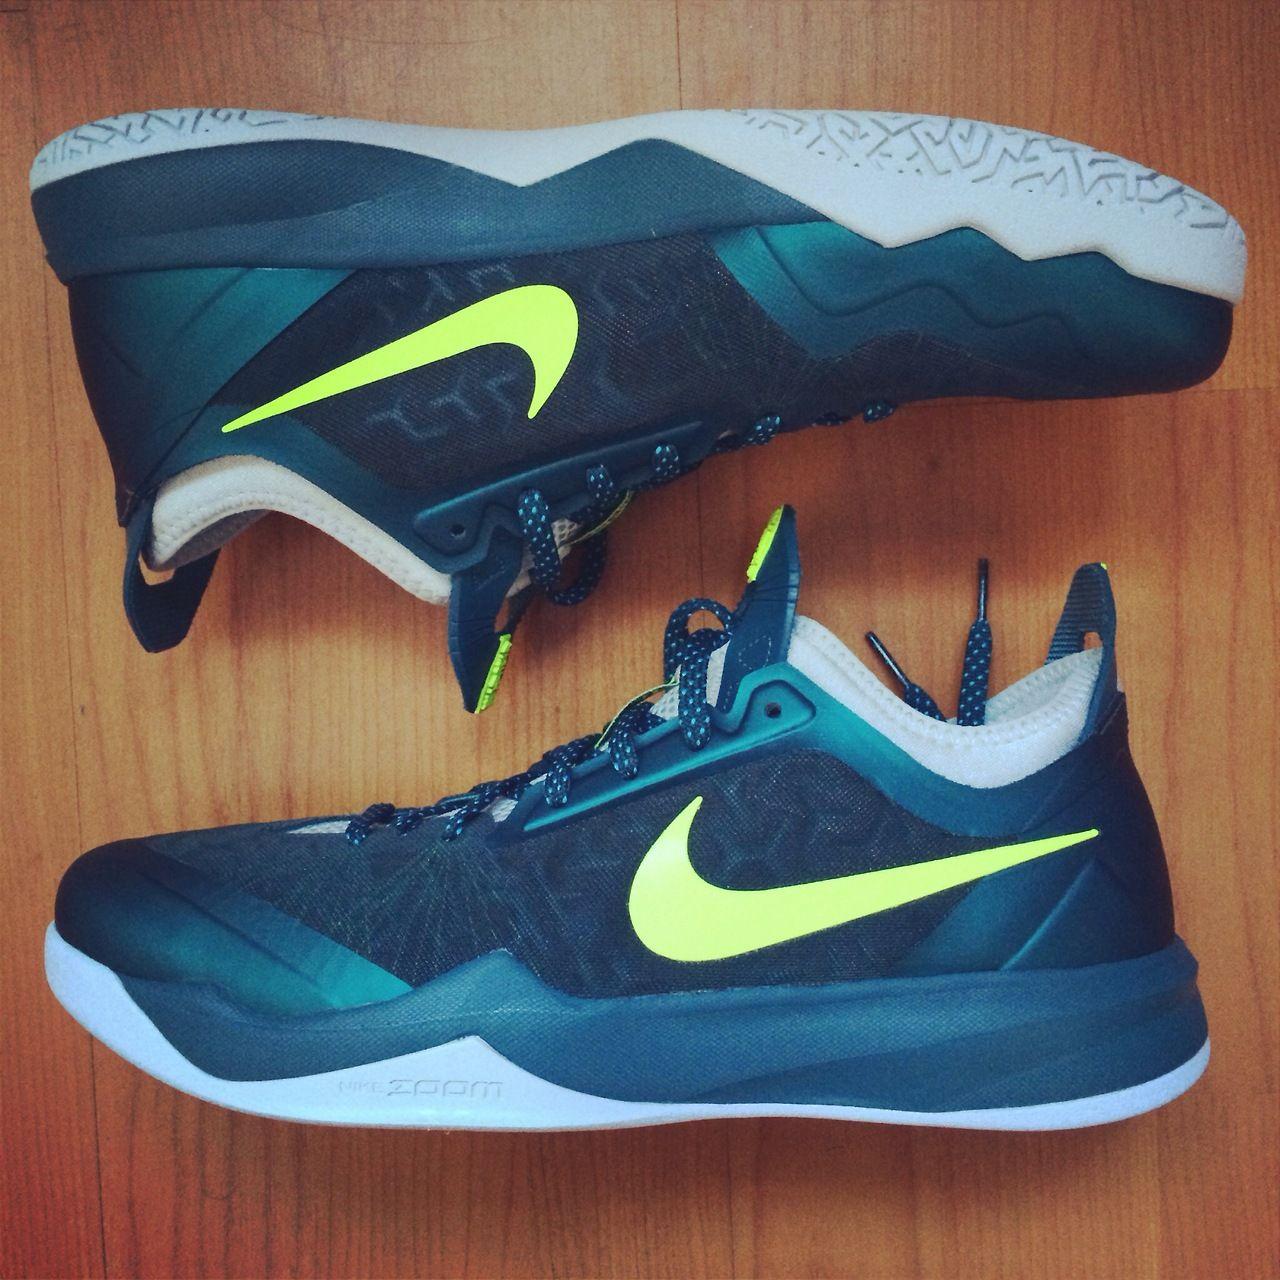 8c5eeca25ebb Nike Zoom Crusader  Sneakerhead